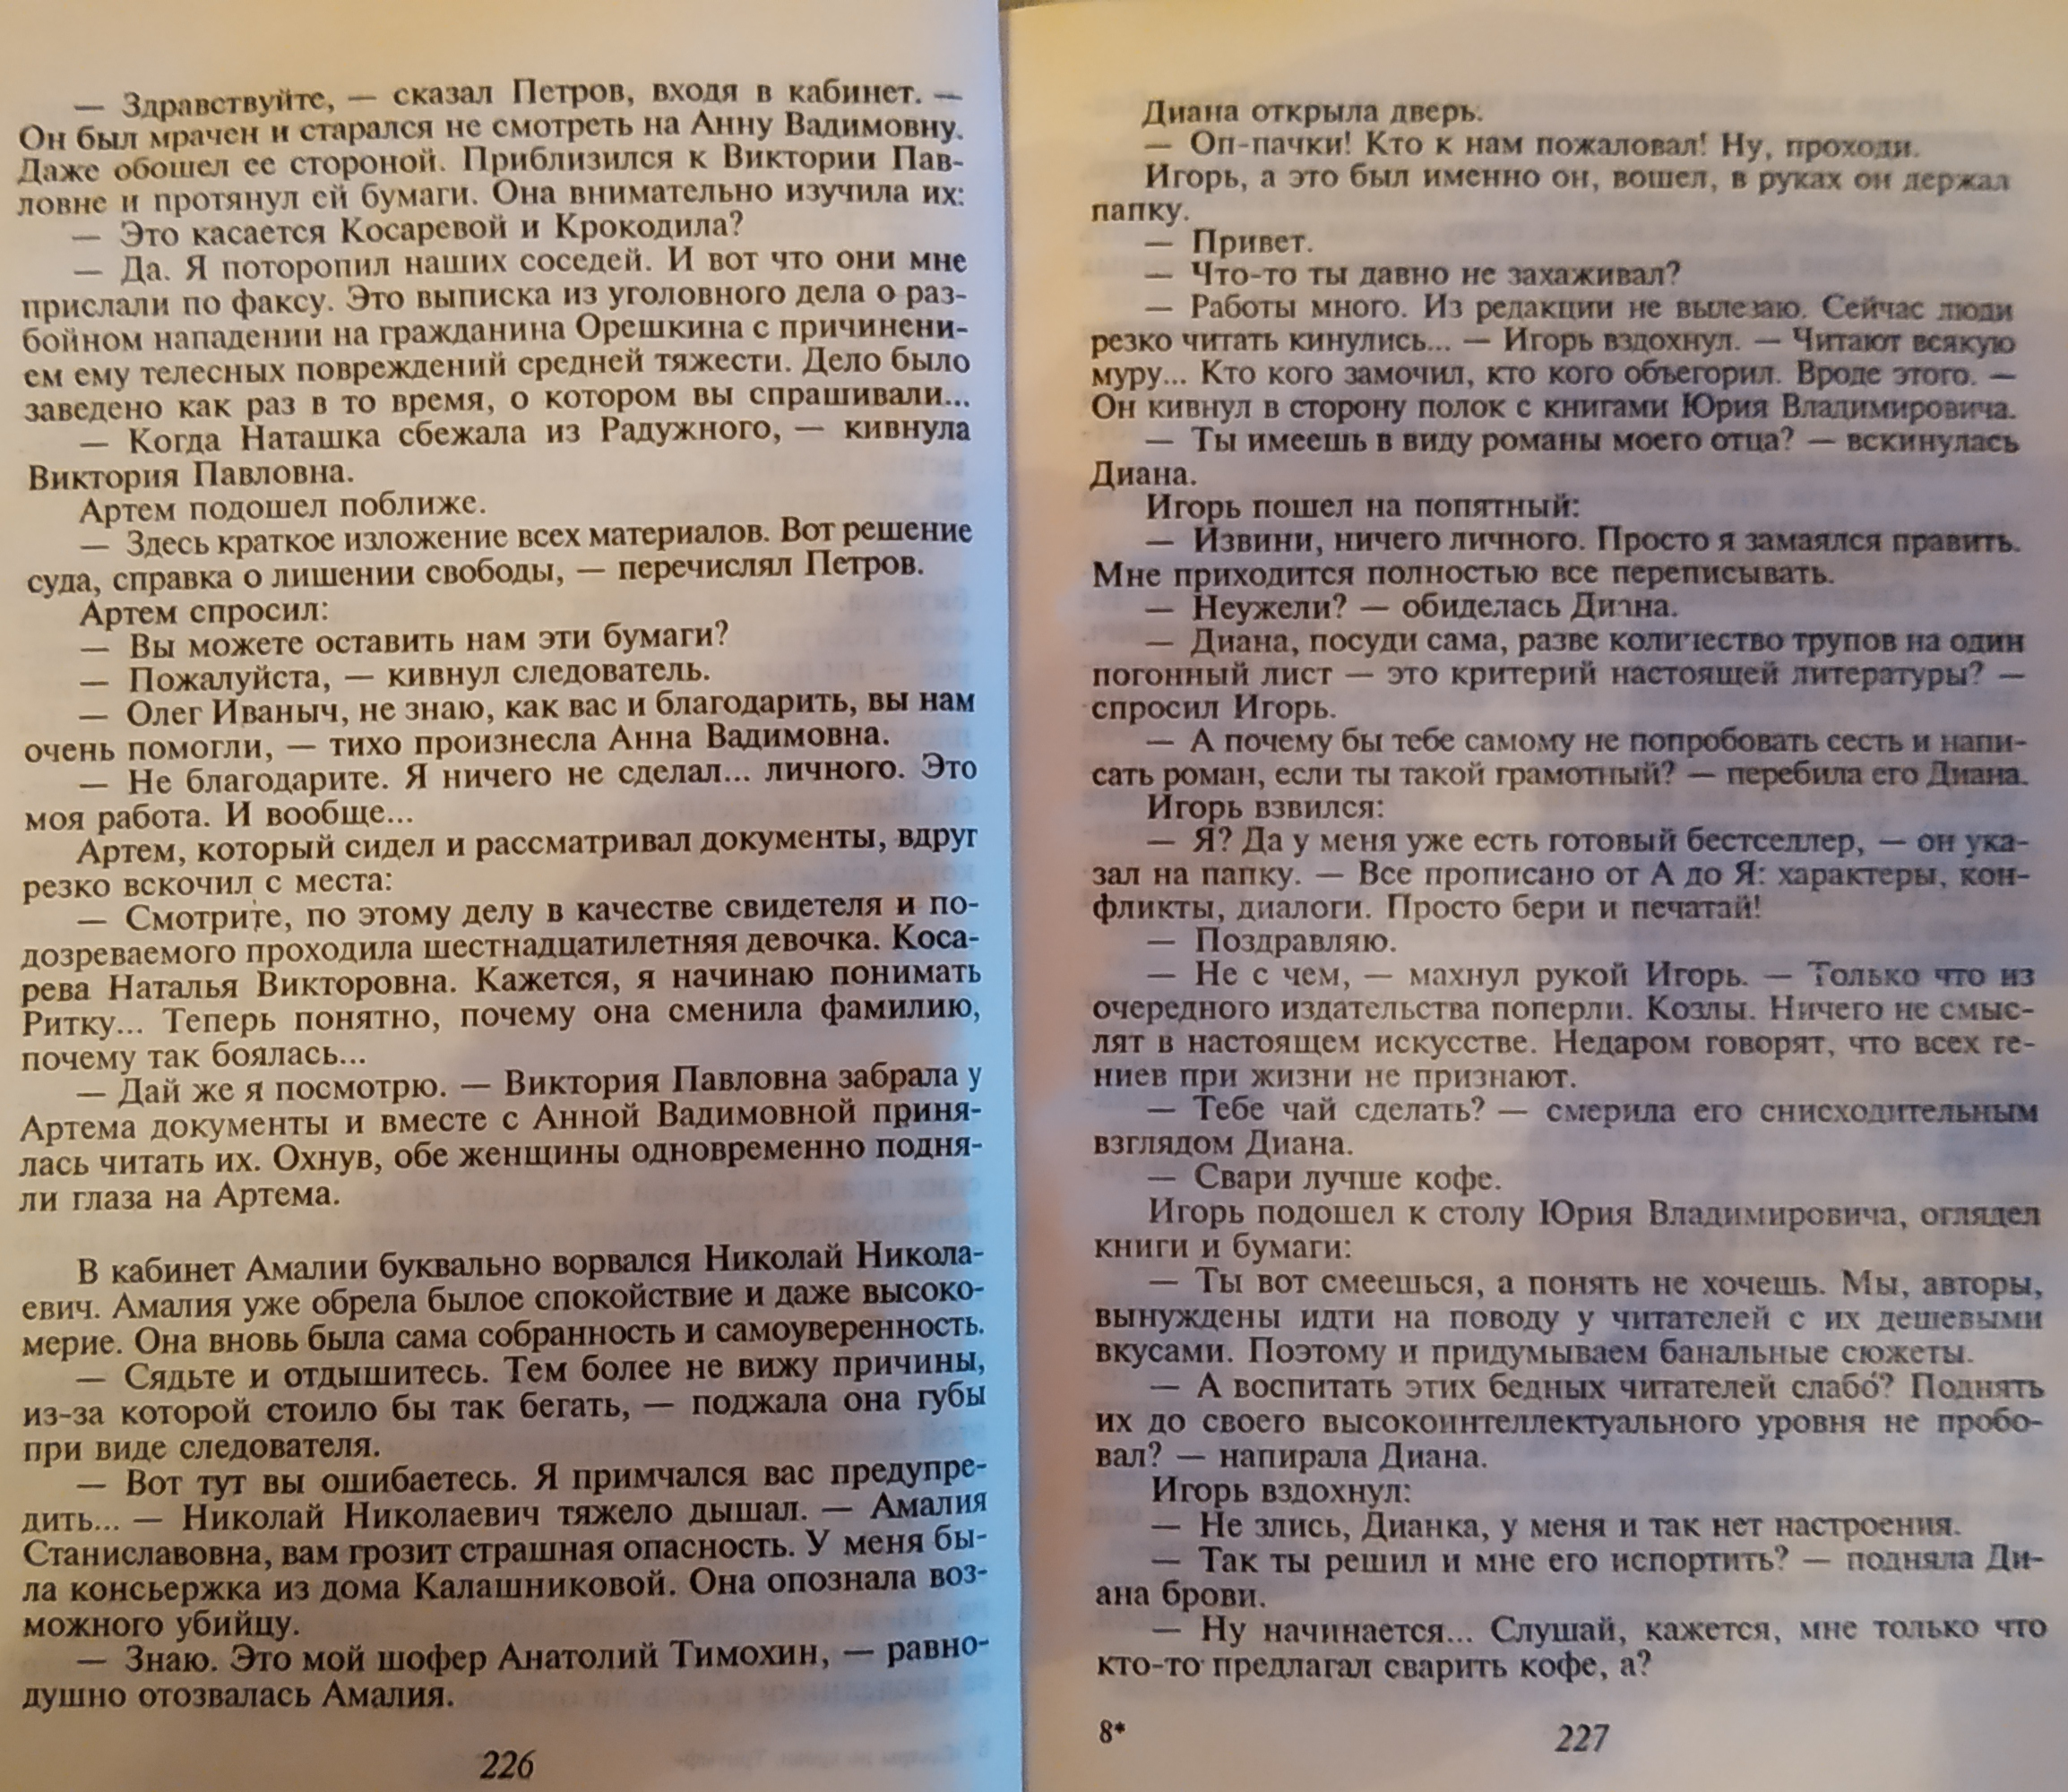 http://s3.uploads.ru/cq7NF.jpg